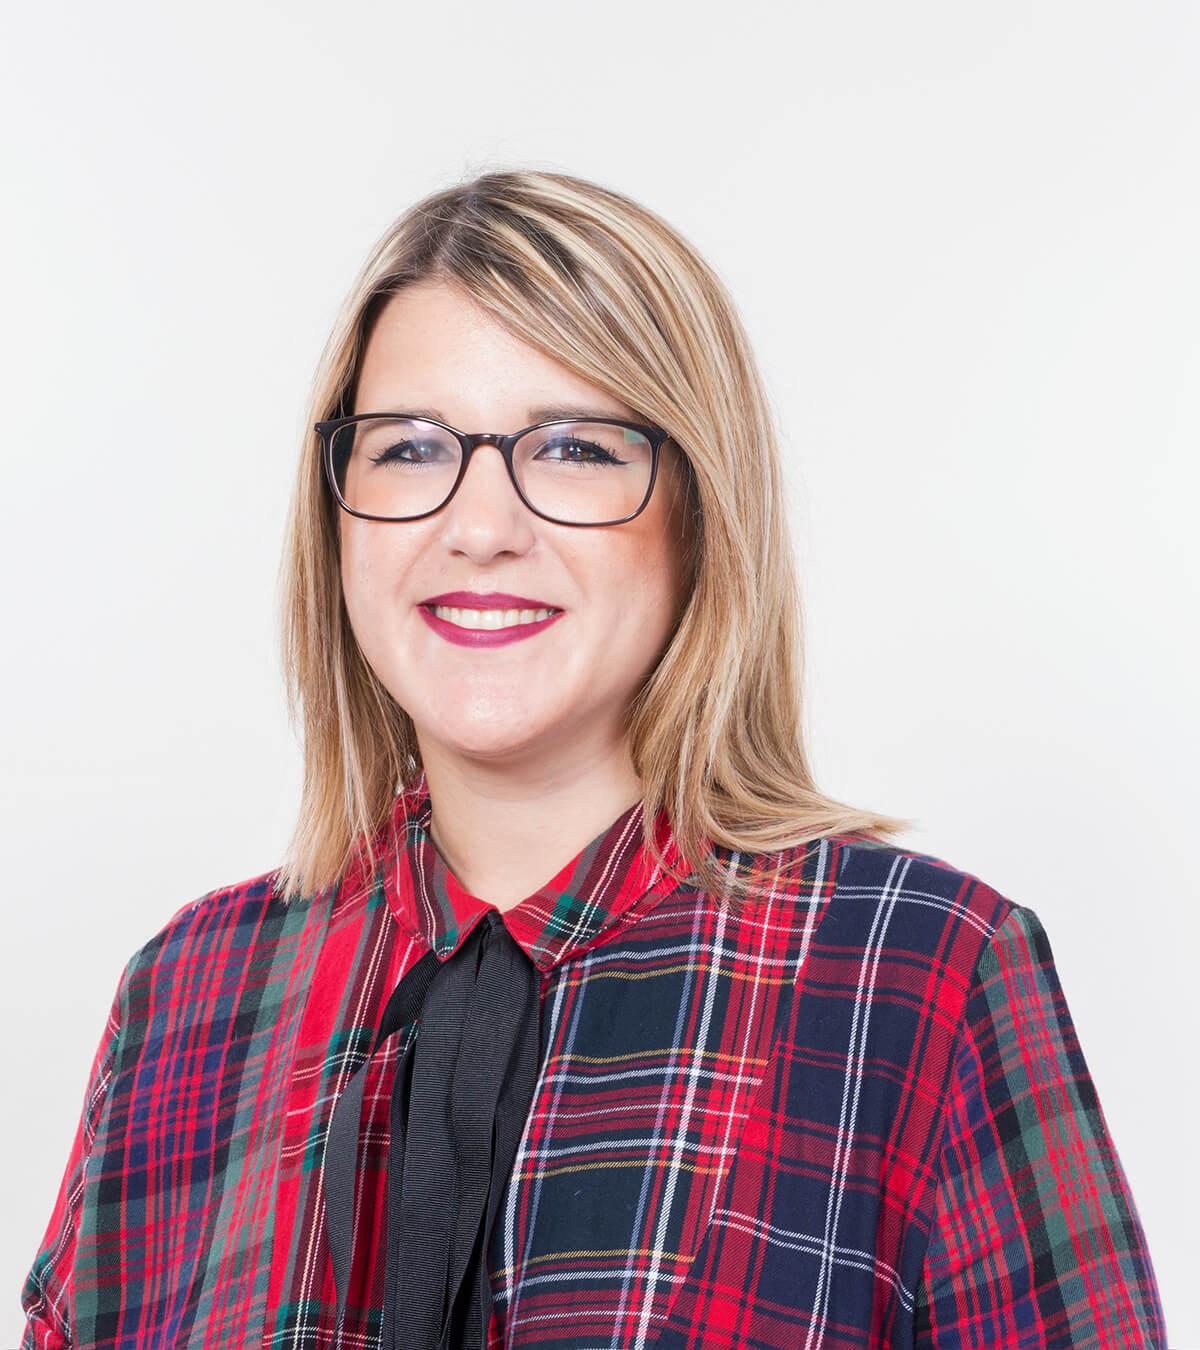 Ana Gligorić psiholosko savetovanje saNA